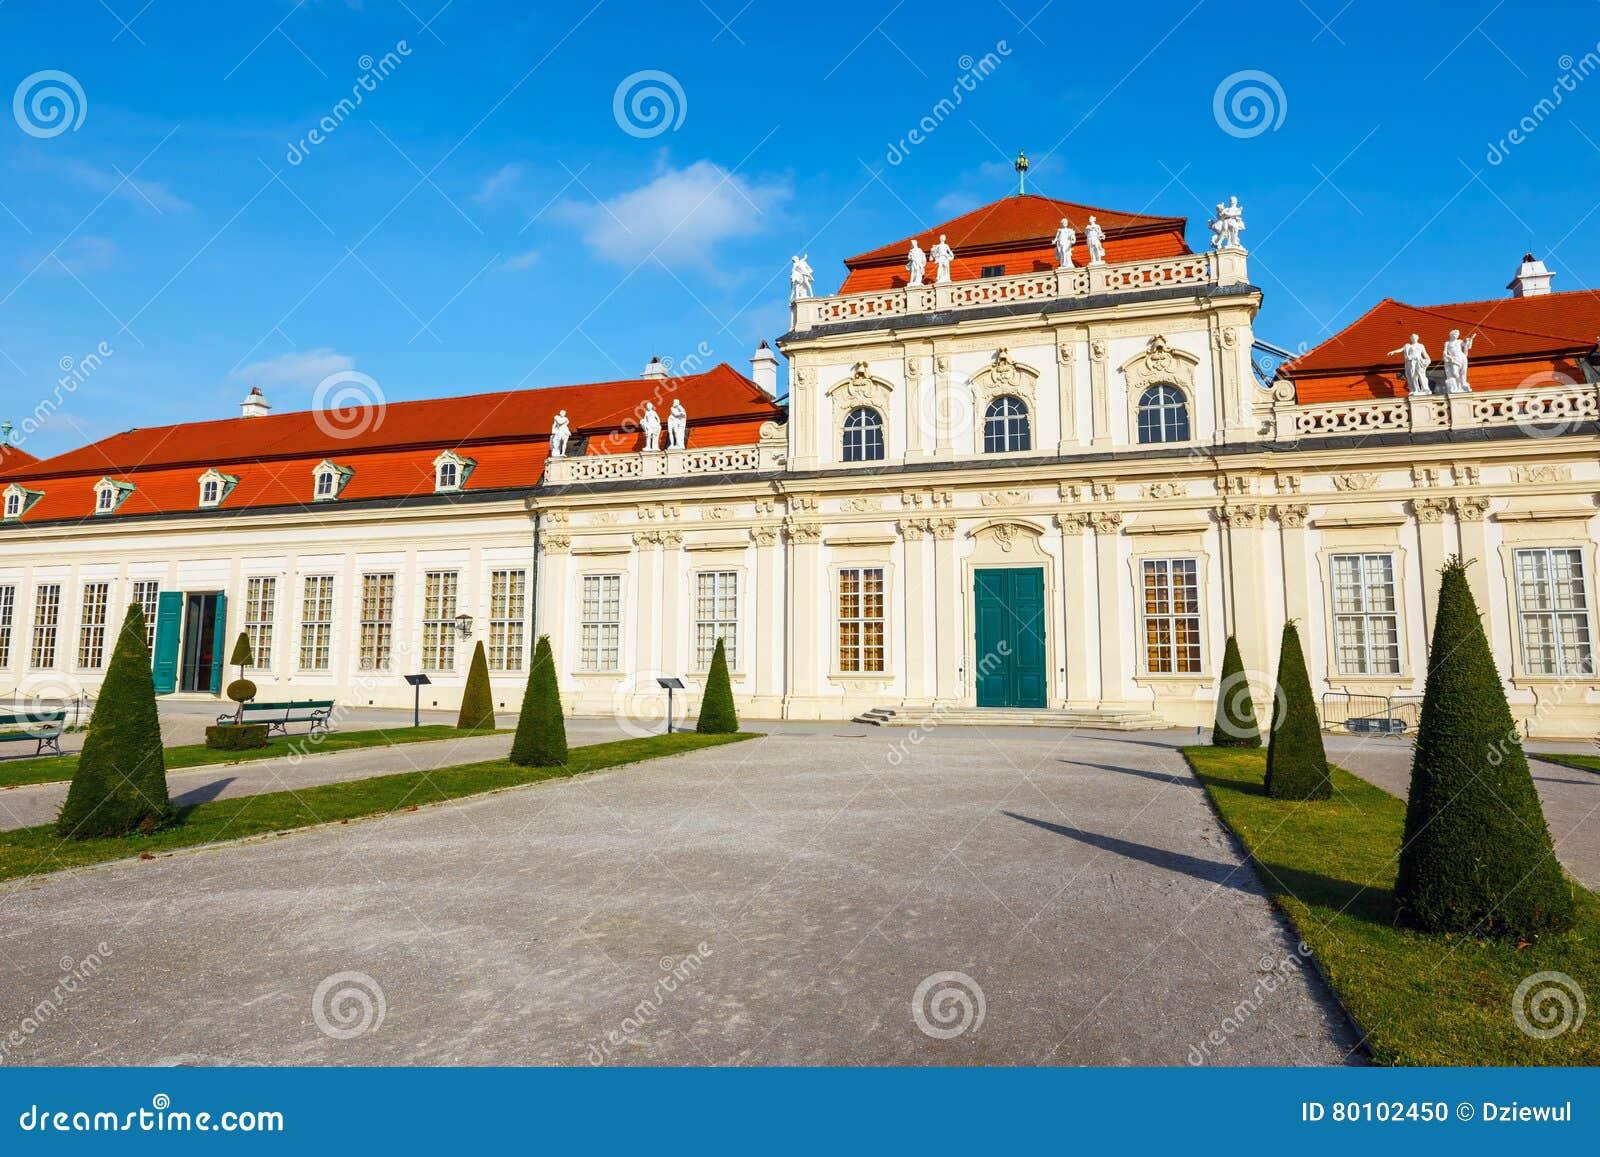 Palácio e jardim do Belvedere em Viena